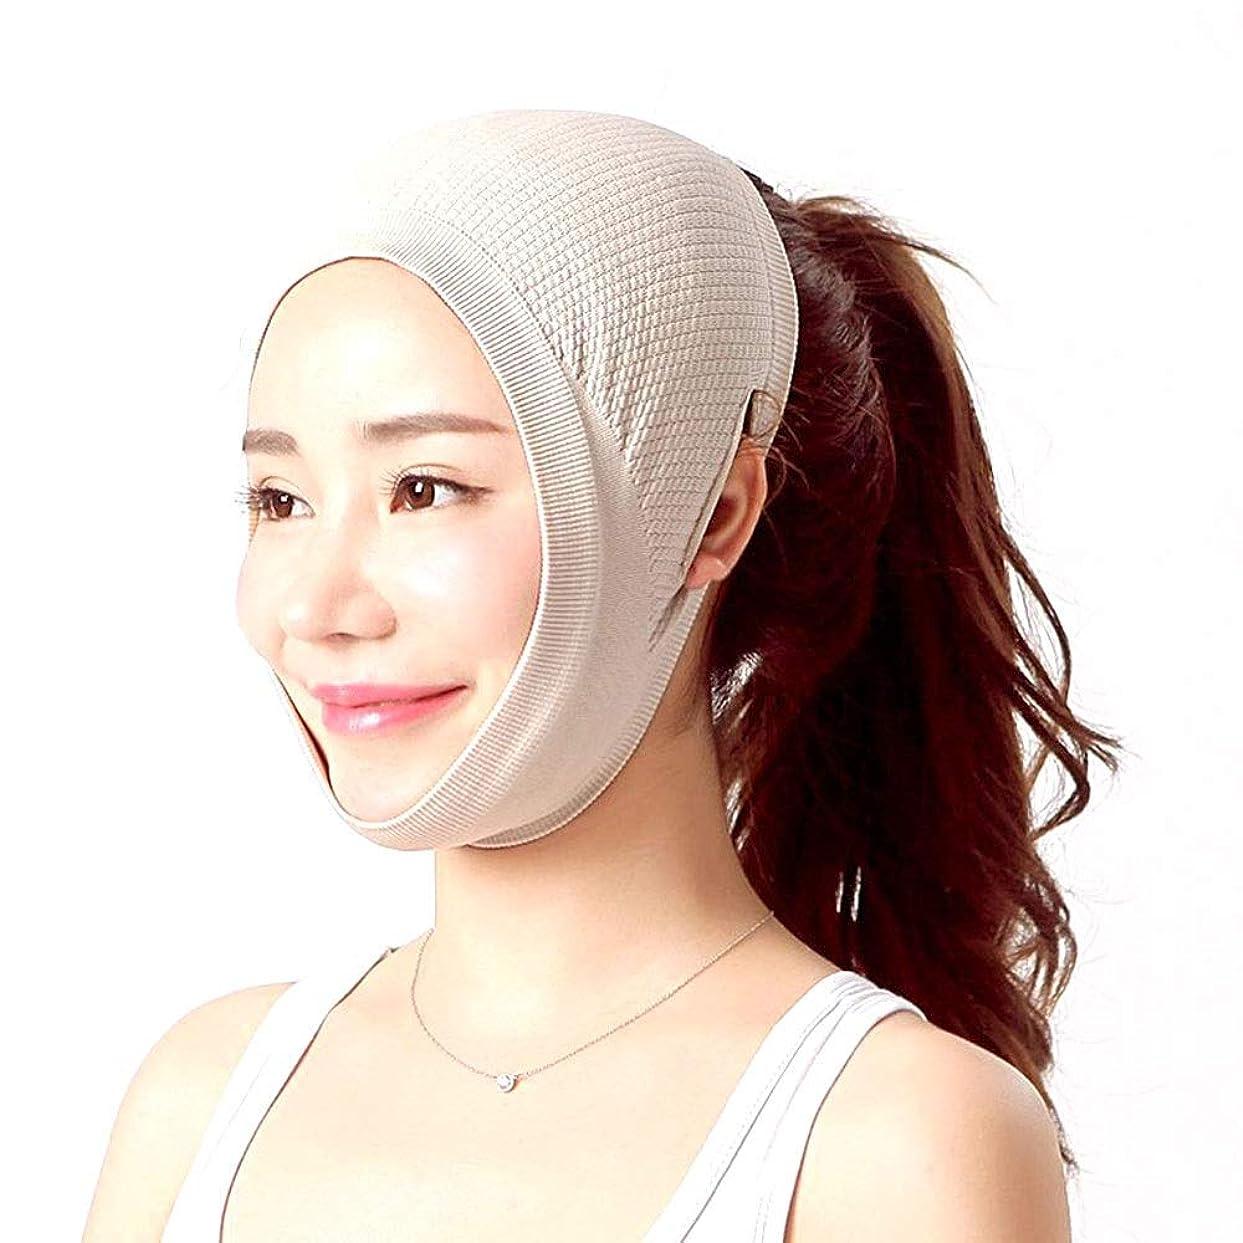 ベール戻すのためにGYZ フェイスリフティングアーティファクト包帯ライン術後回復包帯リフティングフェイスフードVフェイス包帯リフティングVフェイス美容マスク - 肌のトーン Thin Face Belt